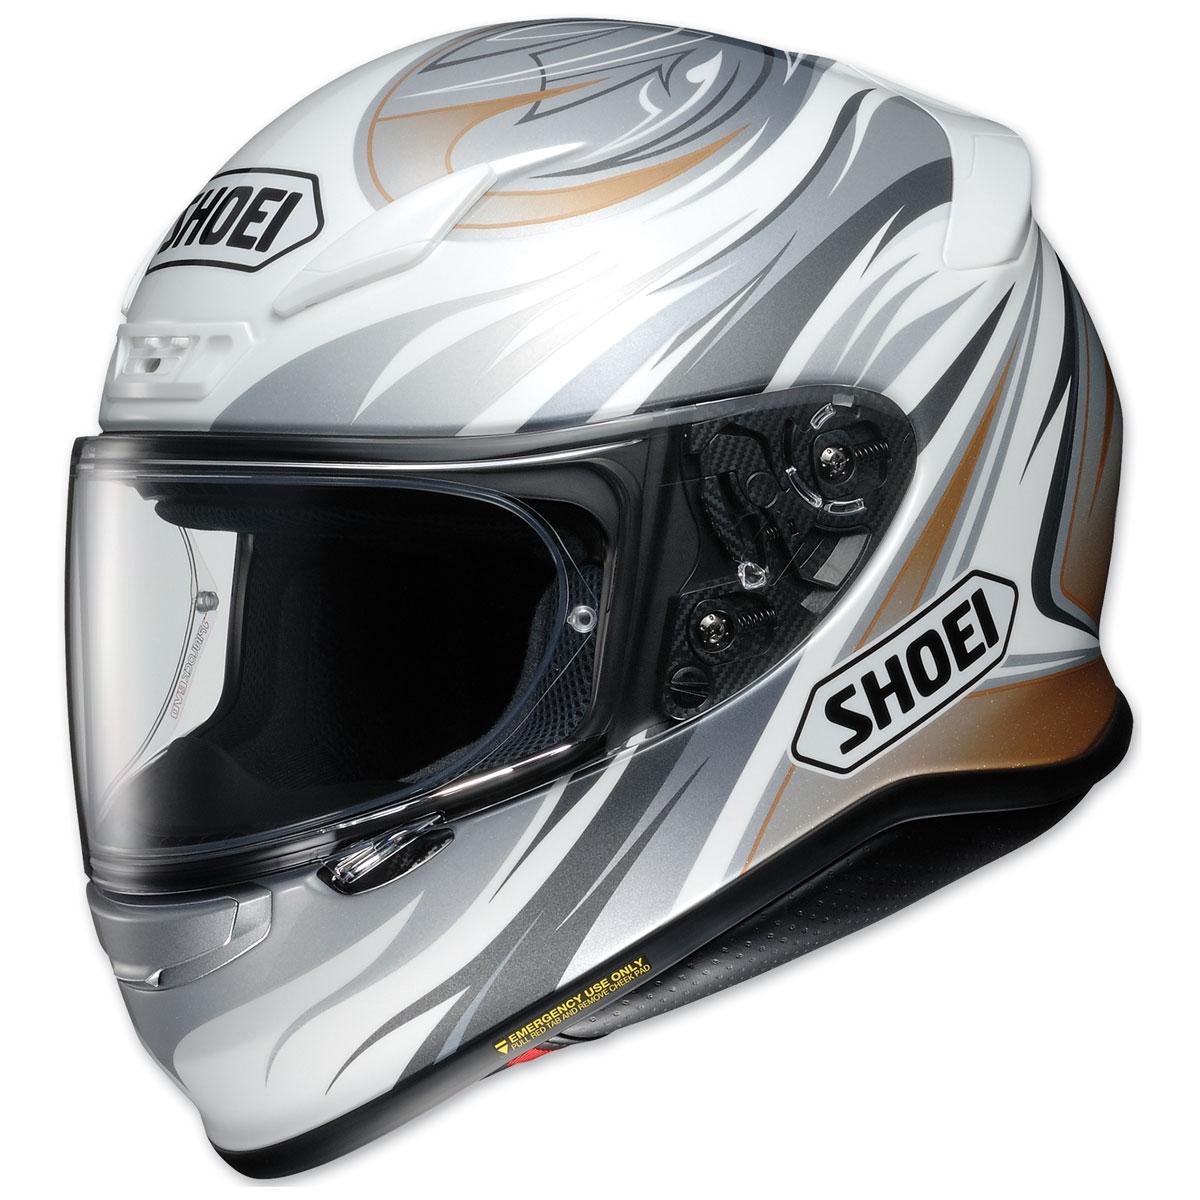 Shoei RF-1200 Incision White/Gray/Gold Full Face Helmet